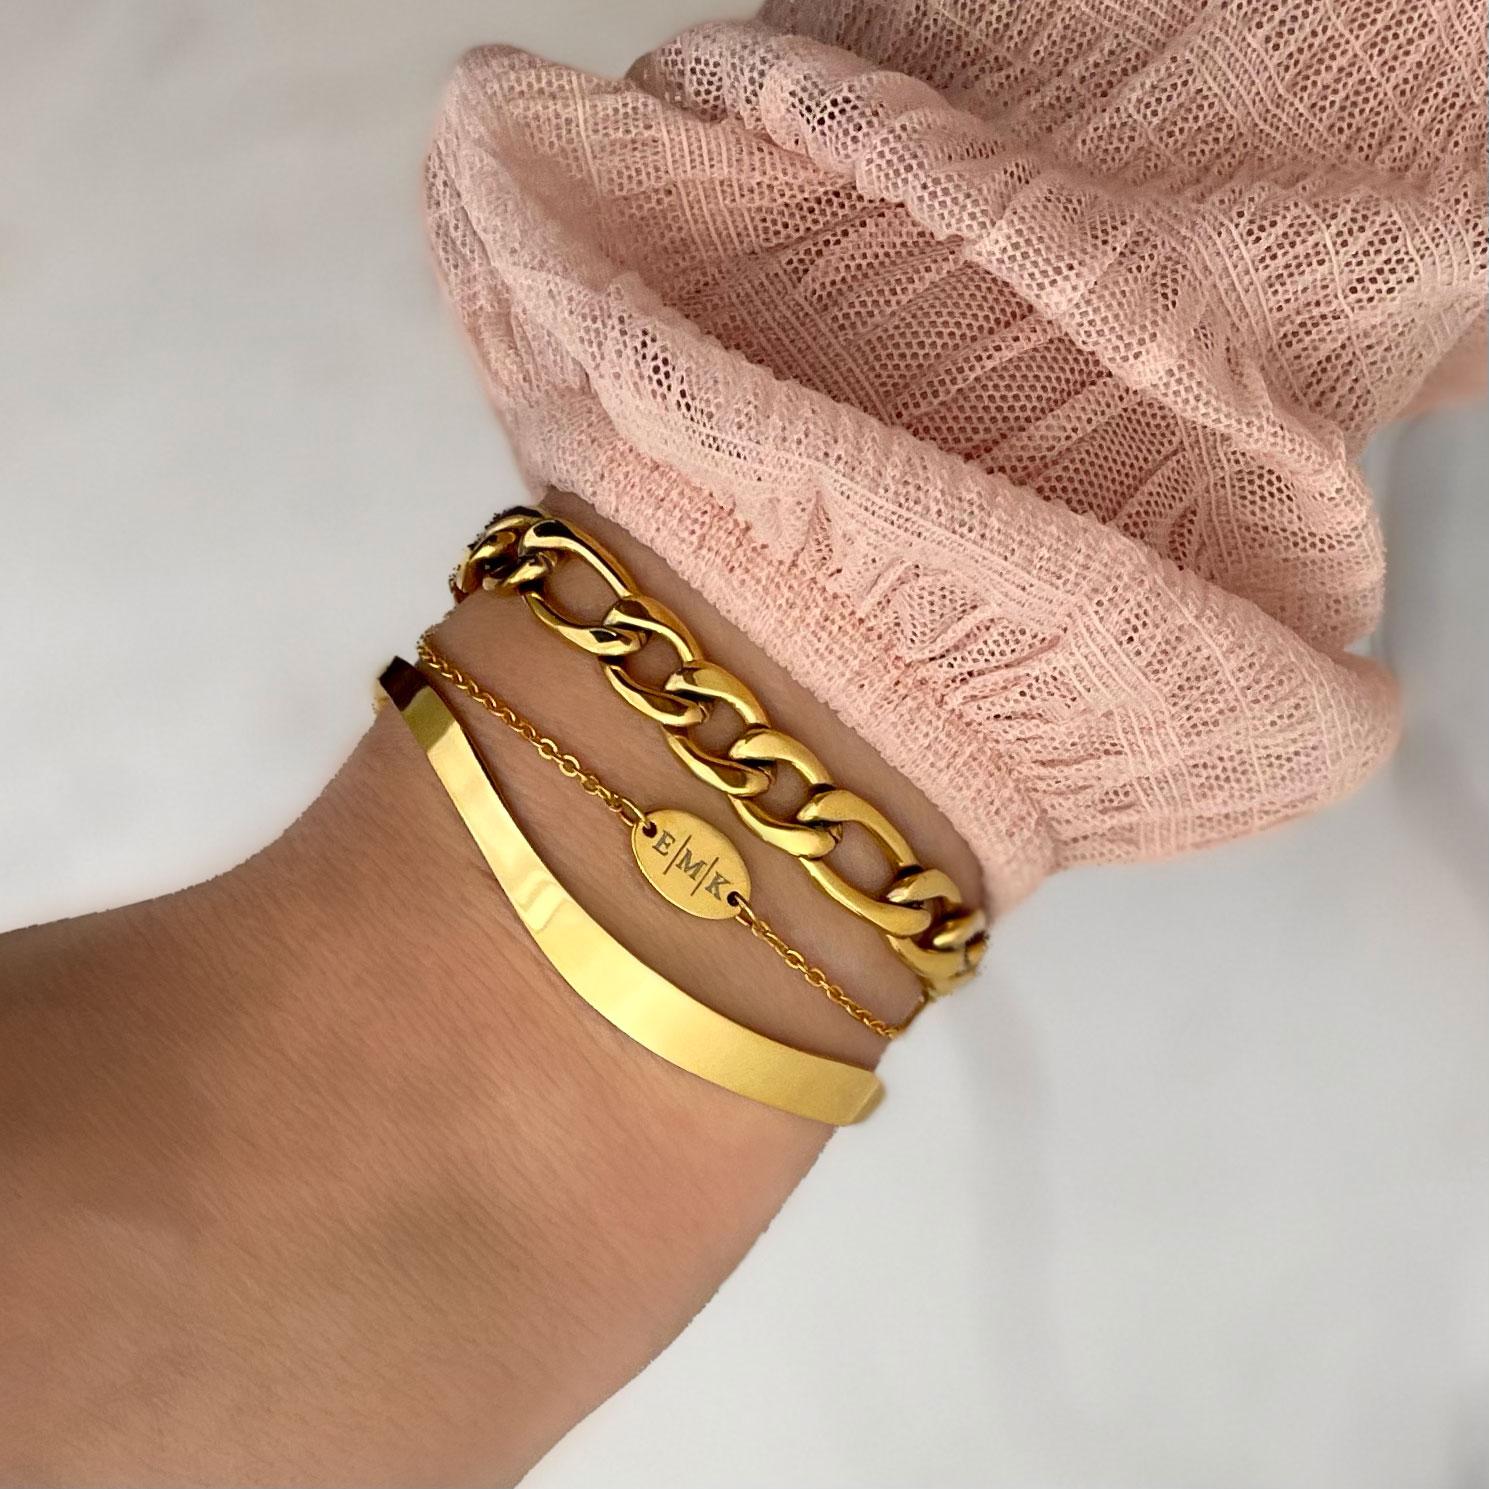 Gouden bangle gecombineerd met gepersonaliseerde armband en schakelarmband